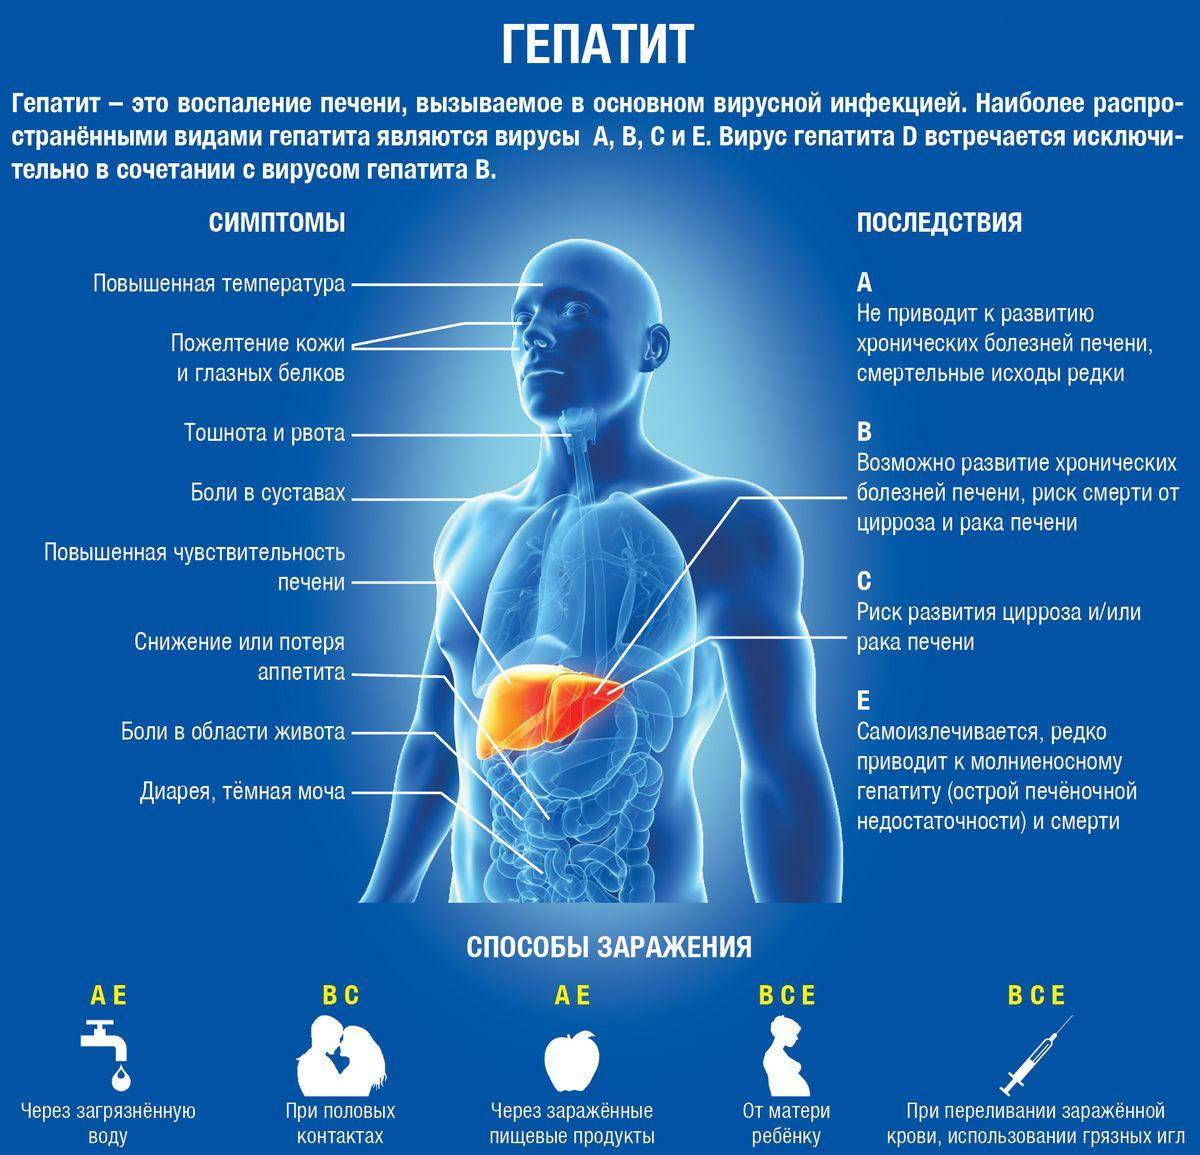 насколько опасен гепатит с